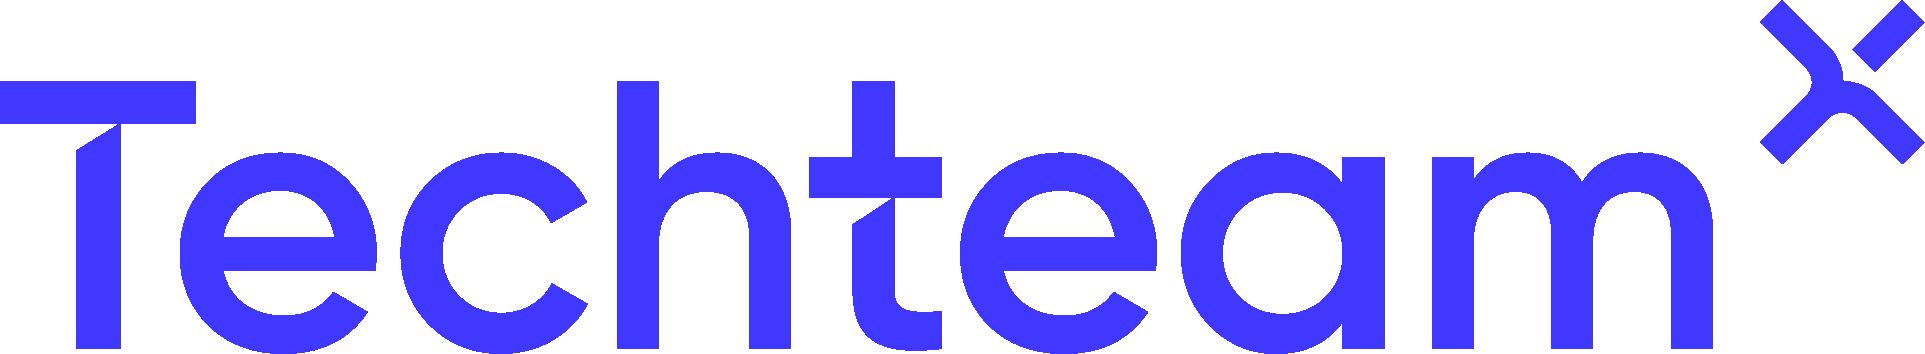 TT-Logotype_Digital-Blue-150dpi-1